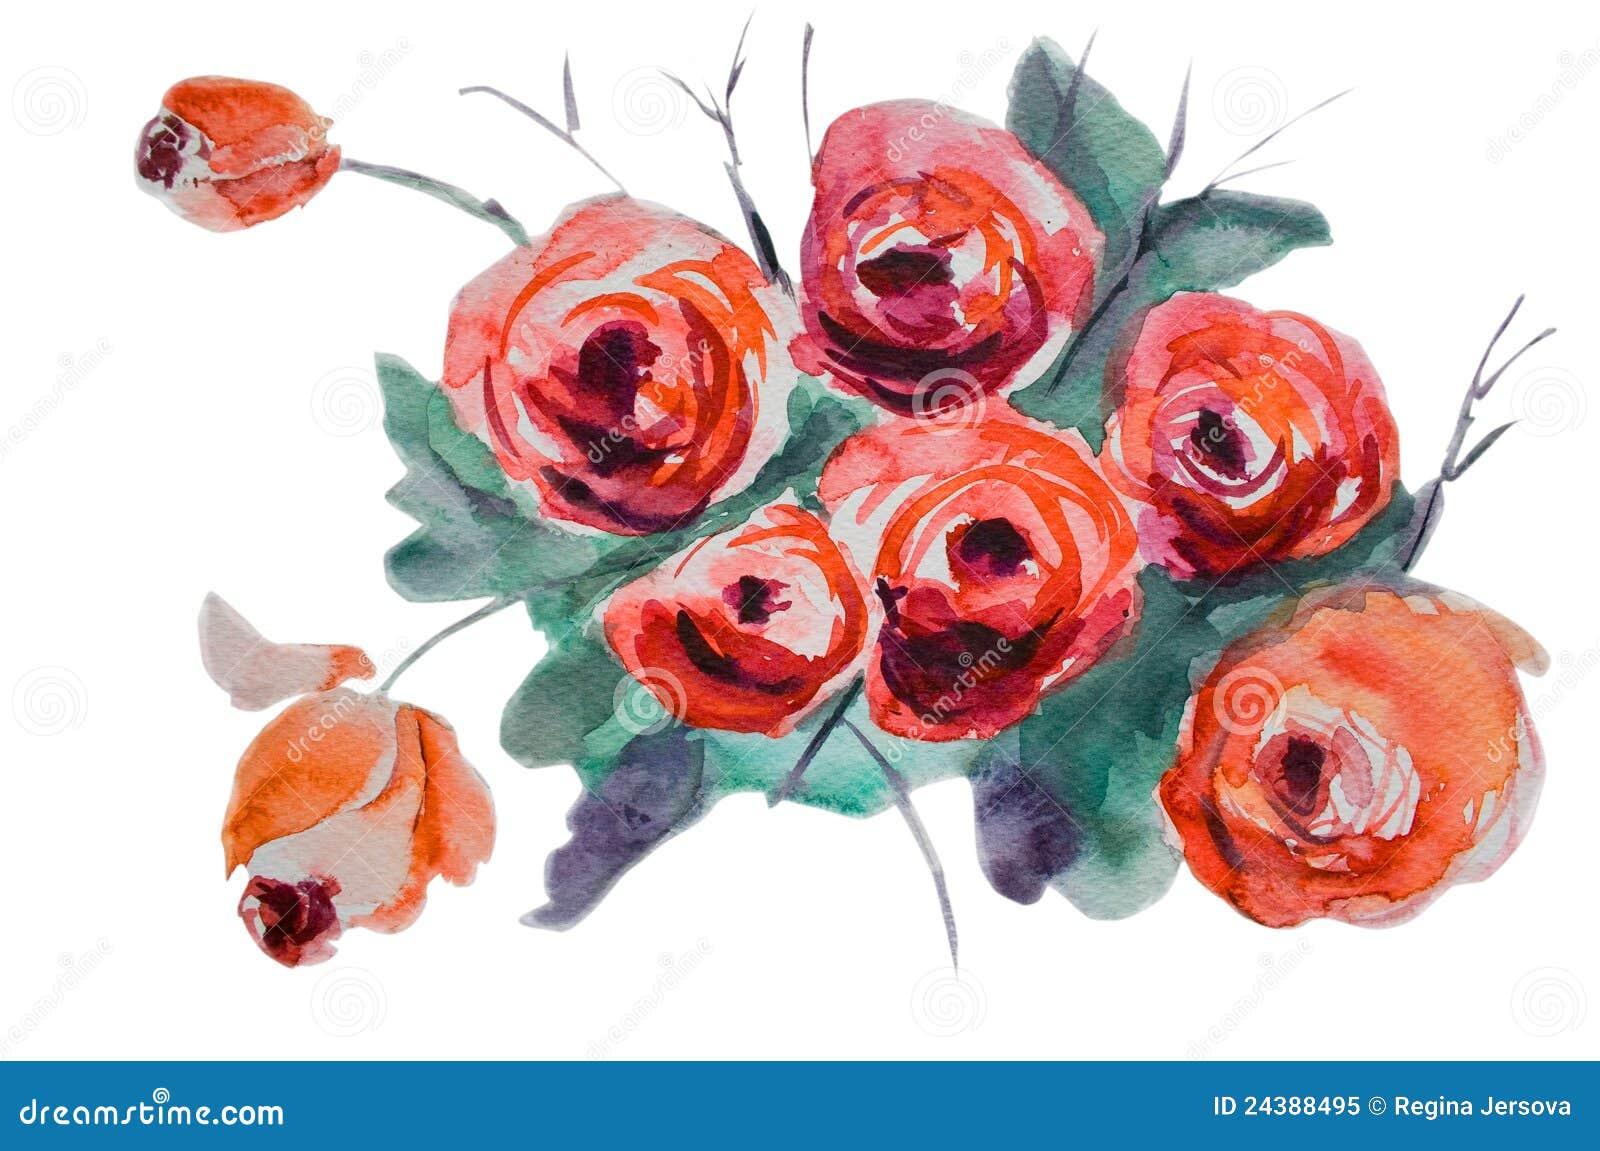 Fiori di rosa stilizzati illustrazione di stock for Fiori stilizzati immagini